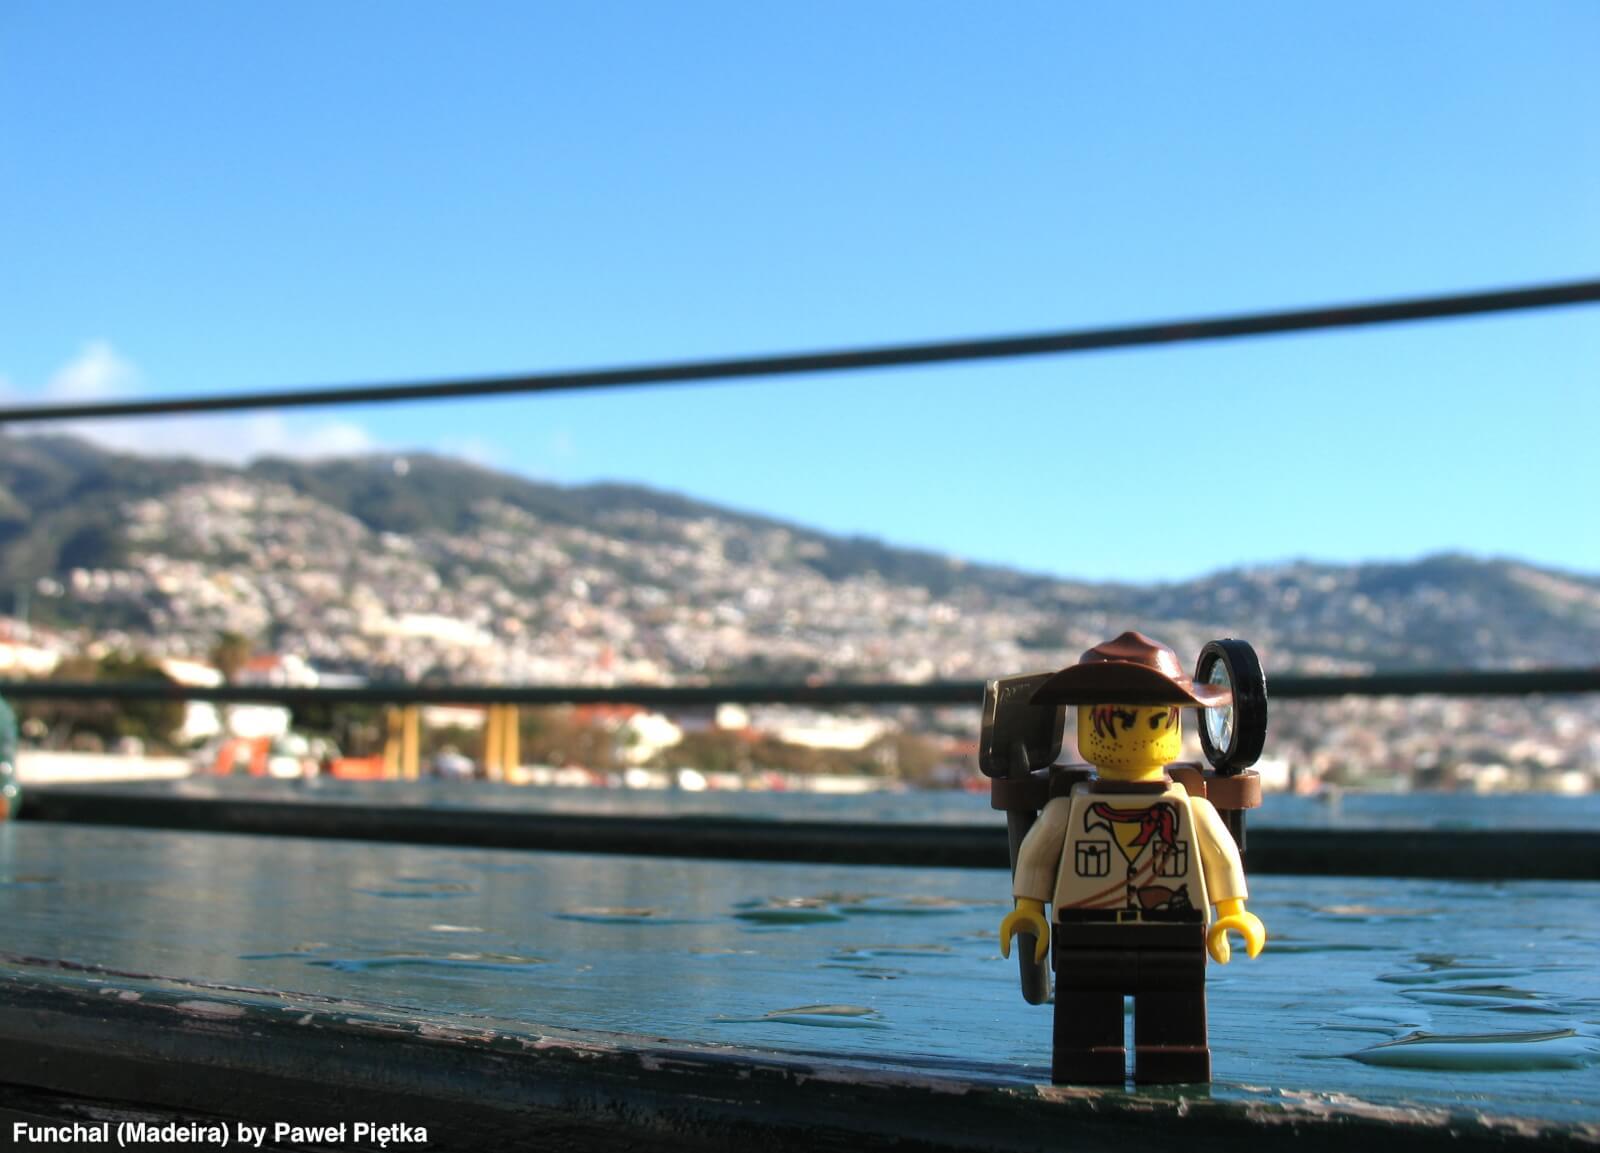 Funchal (Madeira) - Sea Port